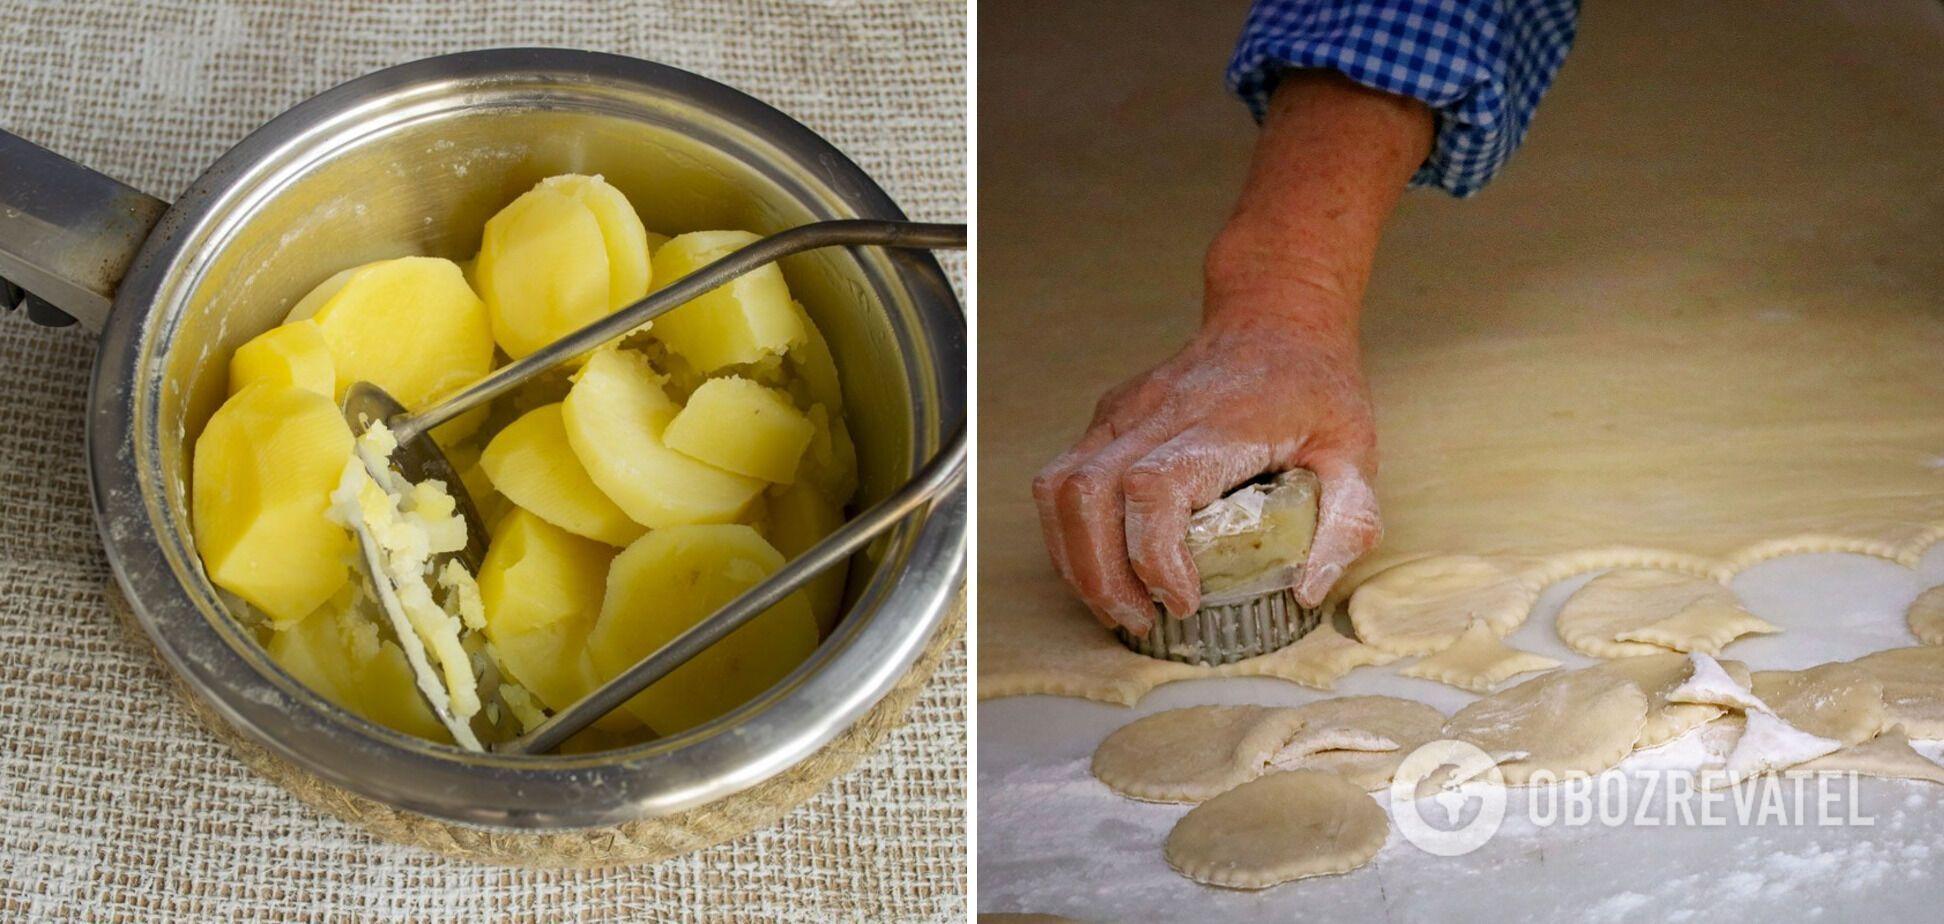 Як смачно приготувати вареники з картоплею